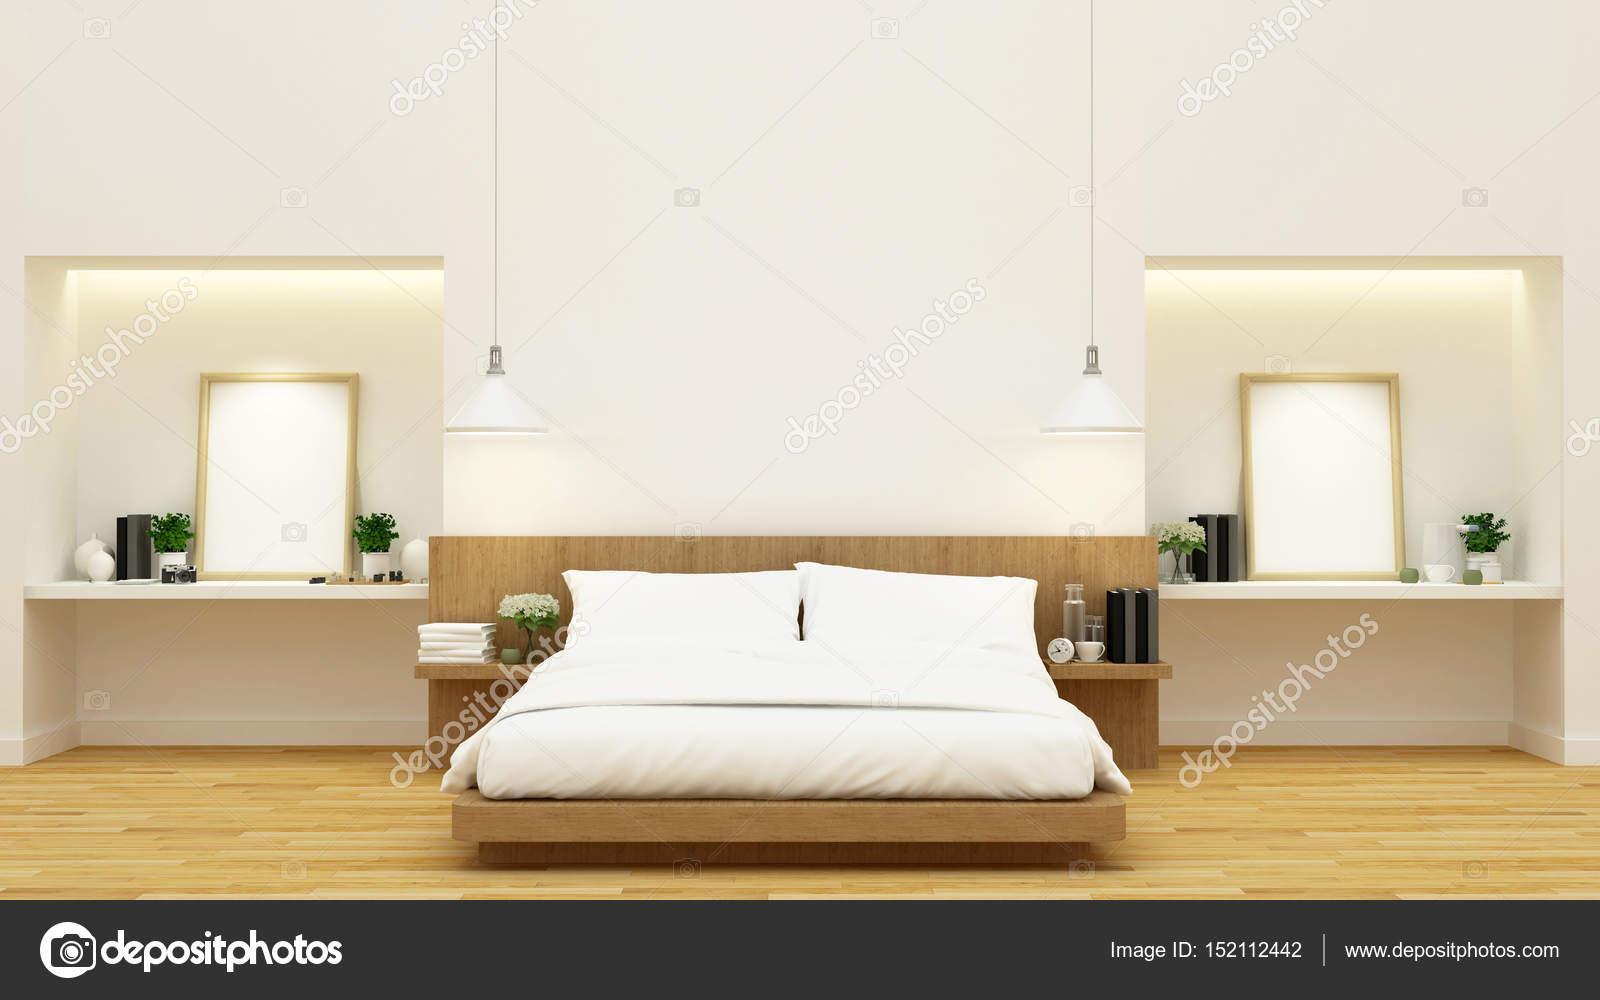 Decorazione Camere Da Letto : Decorazione camera da letto d rendering u foto stock pantowto